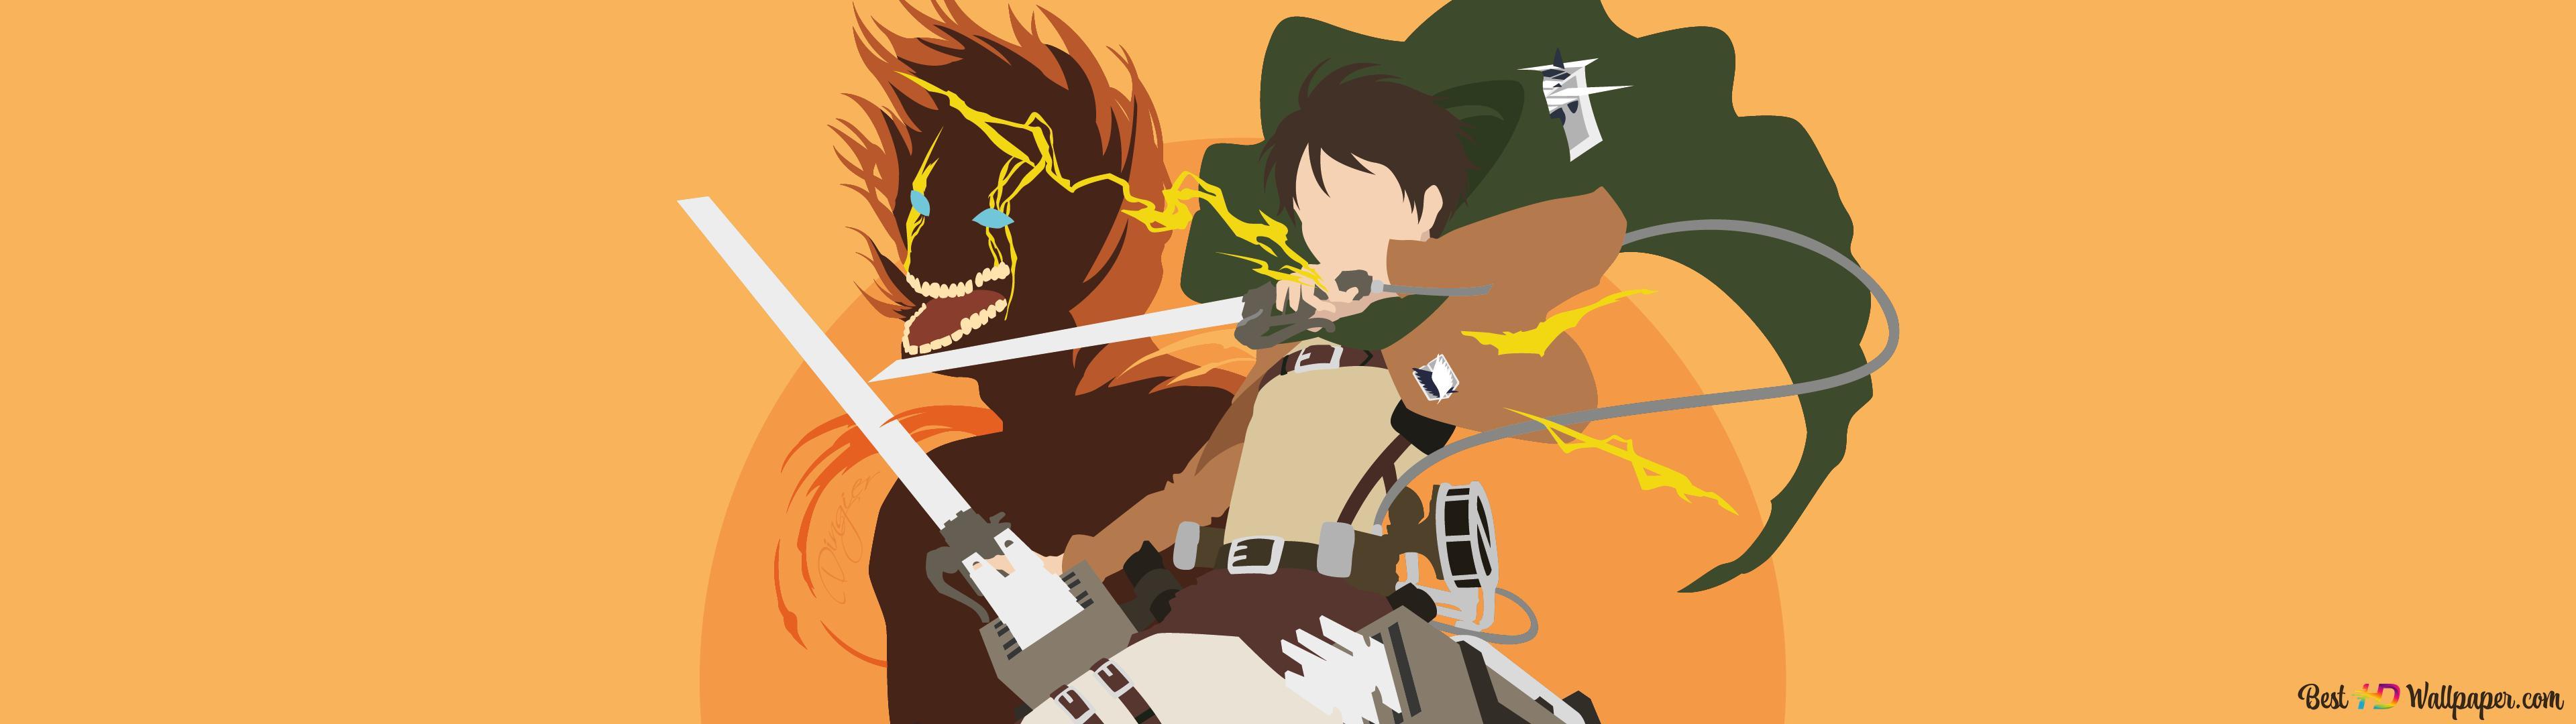 Attack On Titan Eren Yeager Minimalist Hd Wallpaper Download